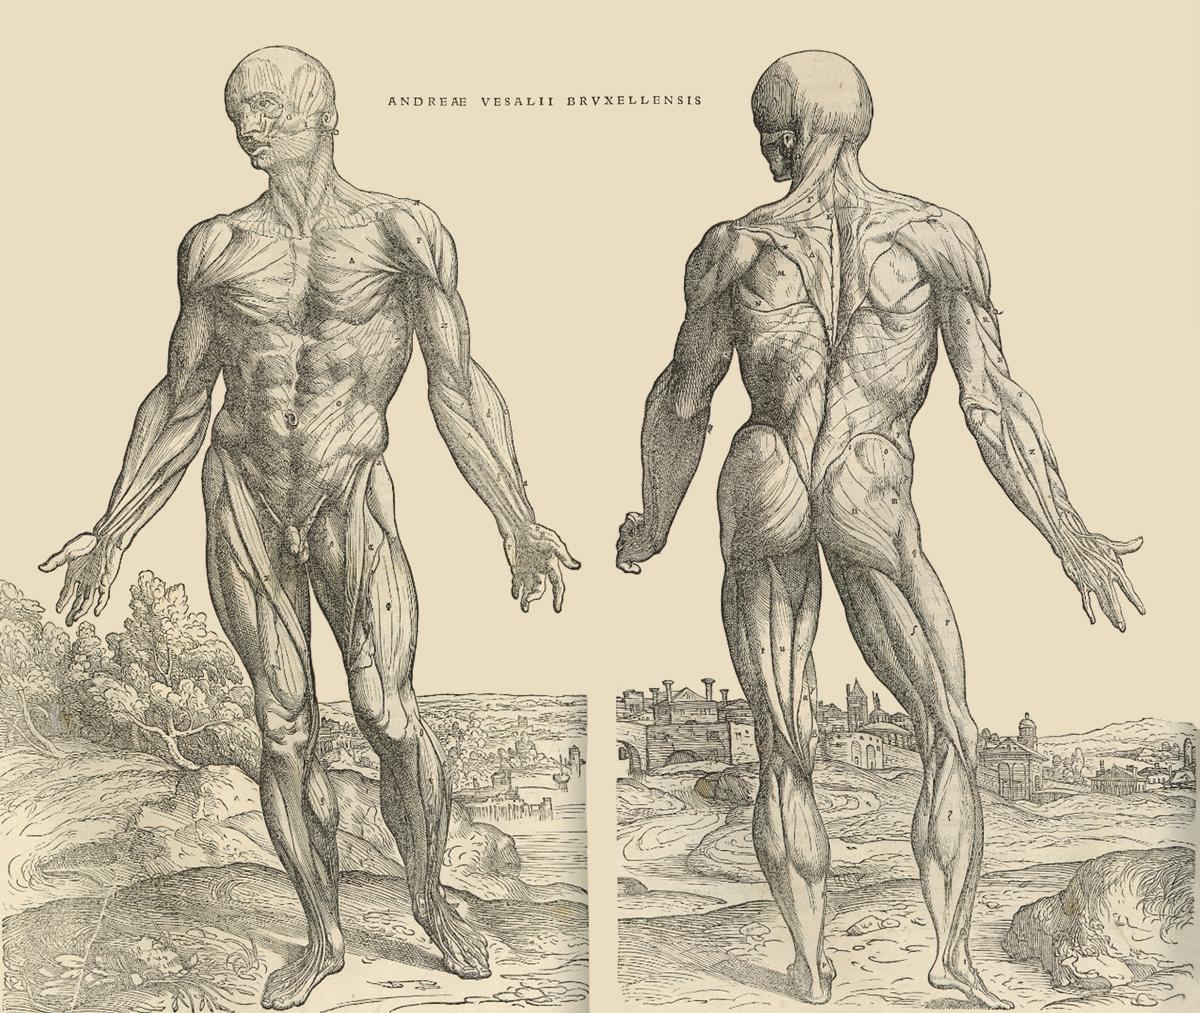 """Anatomische tekeningen uit """"De Humani Corporis Fabrica"""" van Andreas Vesalius. De tekeningen werden gemaakt door Johan Stefan van Kalkar. Bron: http://www.flandrica.be."""